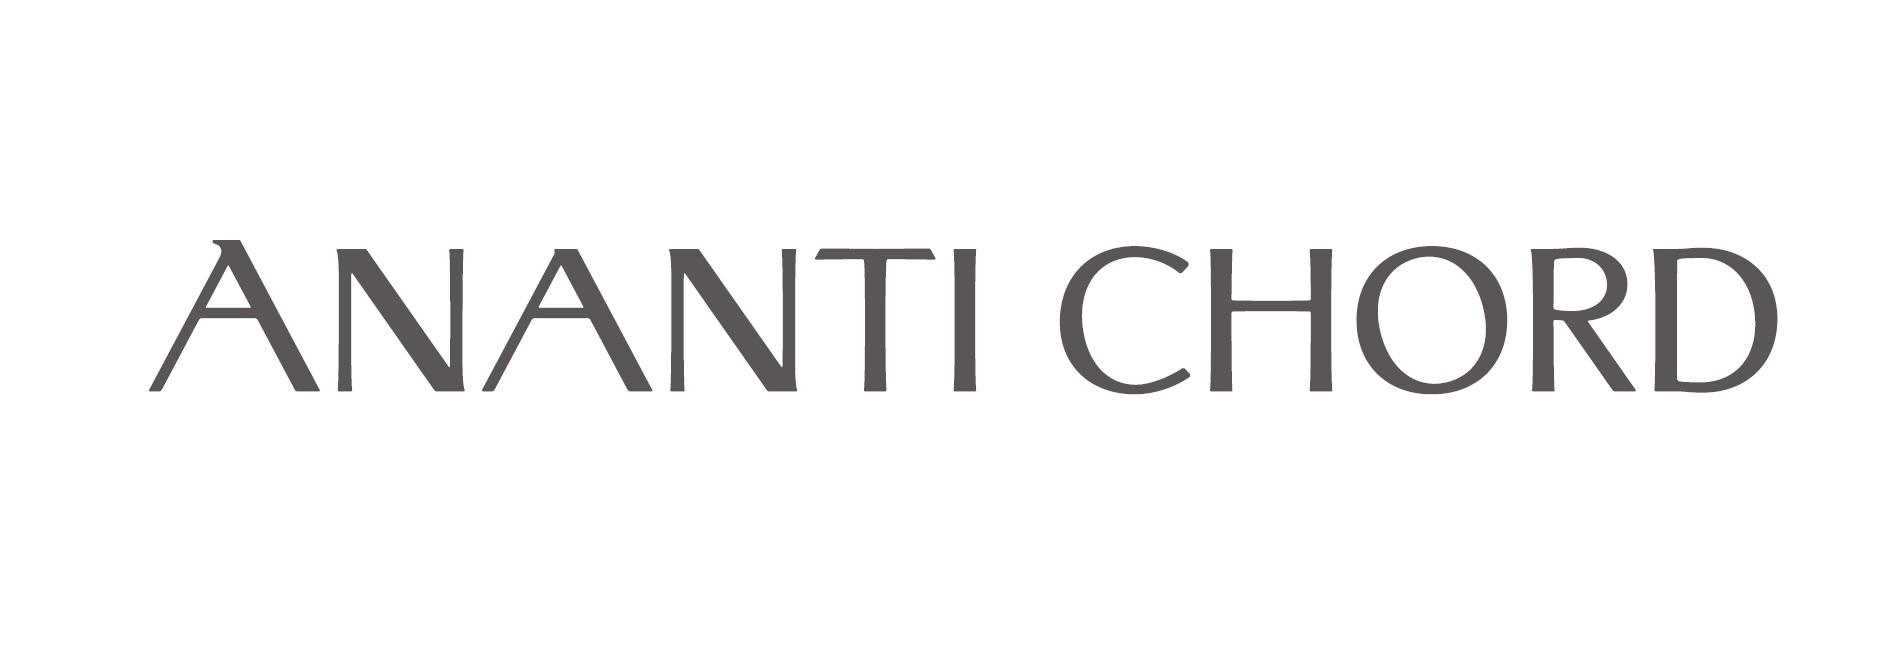 아난티의 계열사 아난티의 로고